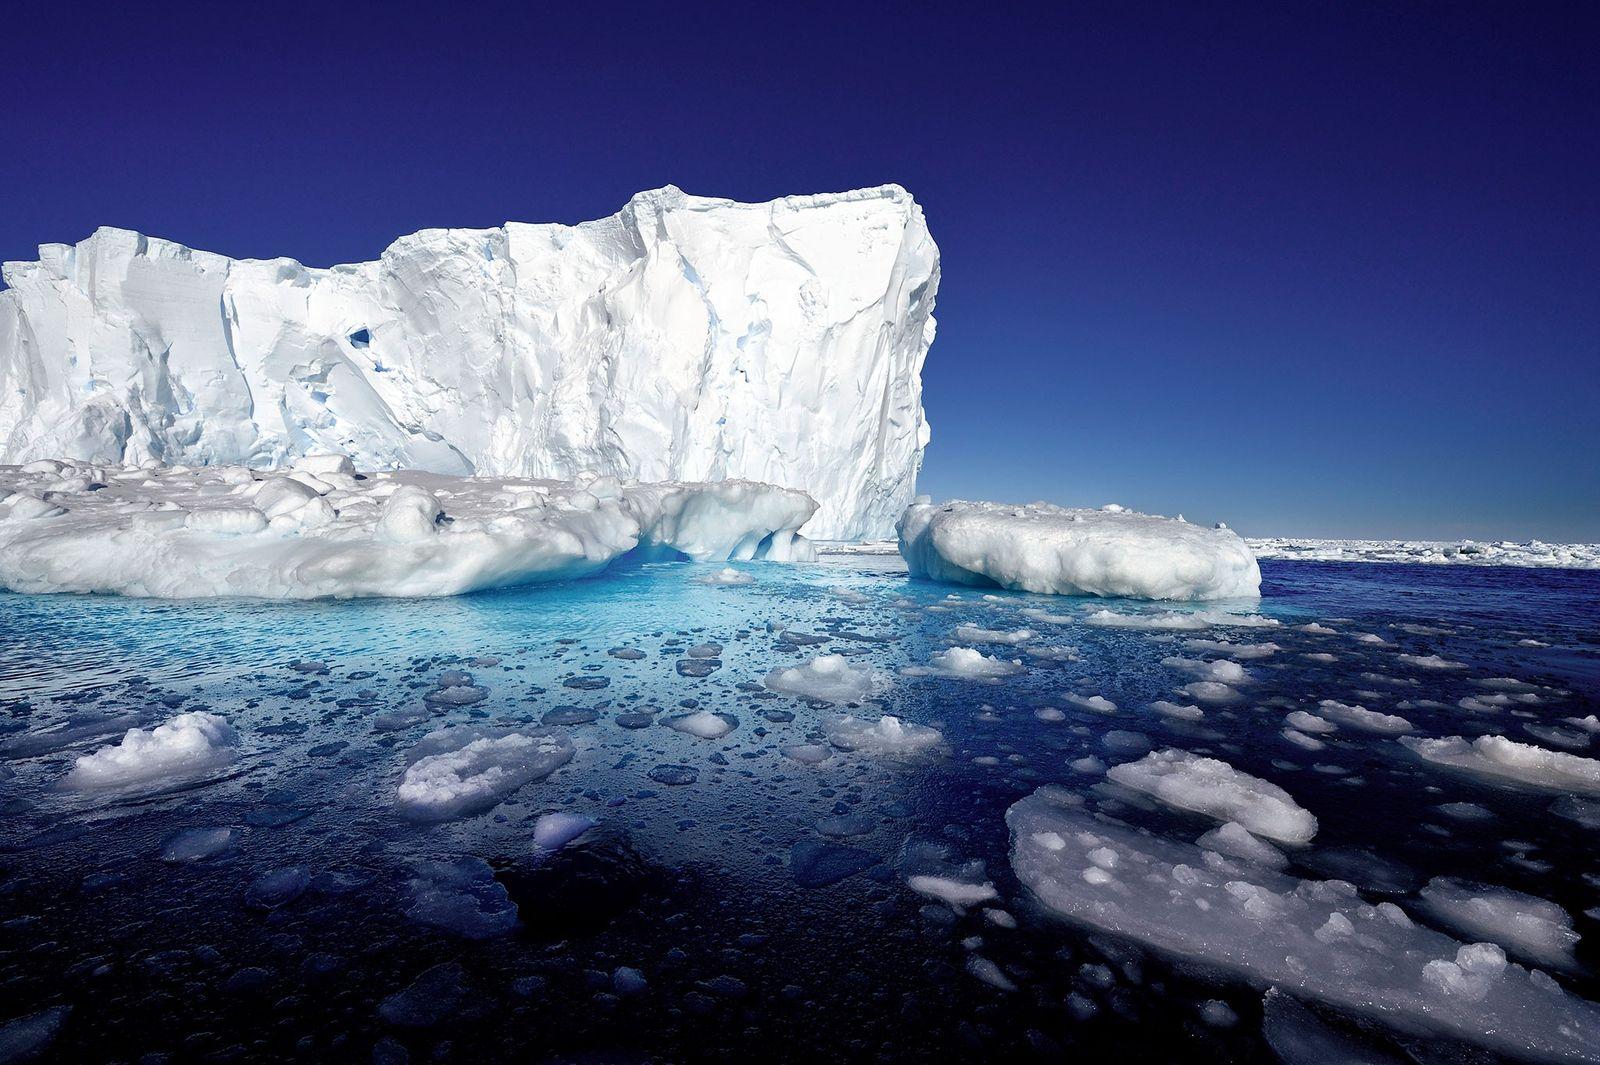 Des microplastiques découverts dans les glaces de l'Antarctique